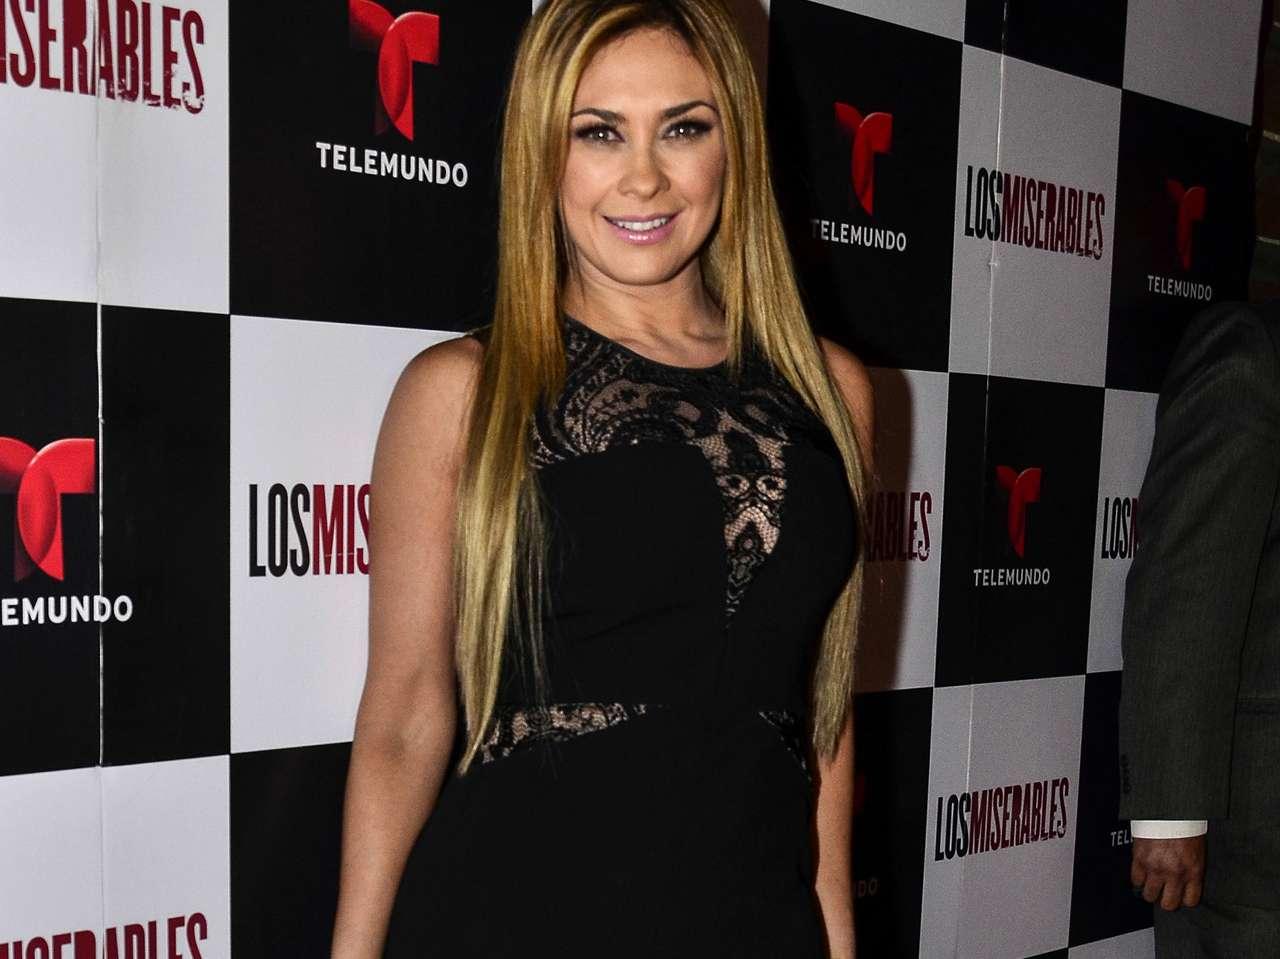 Aracely Arámbula terminó recientemente su participación en 'Los Miserables', telenovela de Telemundo. Foto: Medios y Media